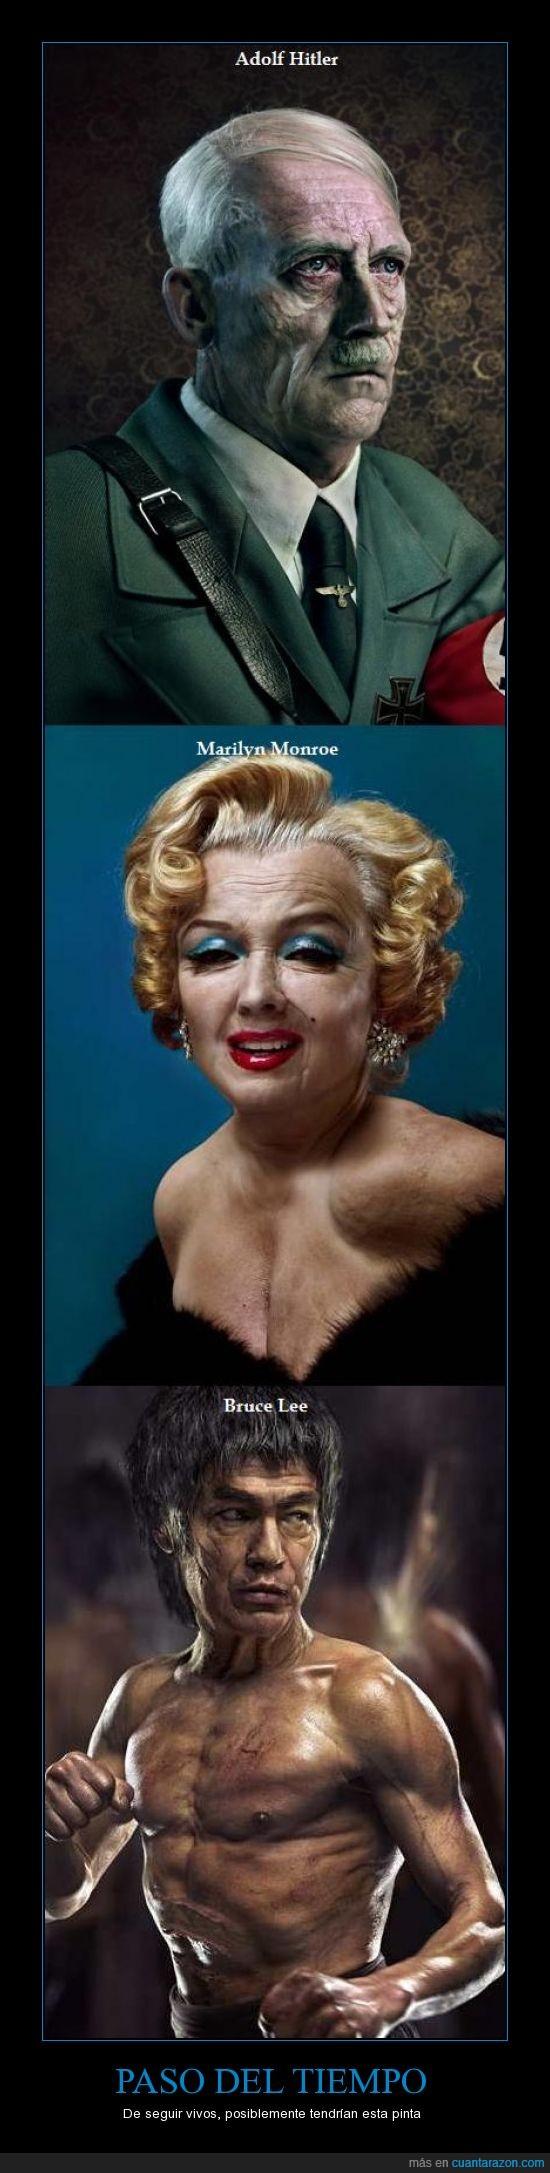 actualmente,Adolf Hitler,ahora,Bruce Lee,Marilyn Monroe,viejos